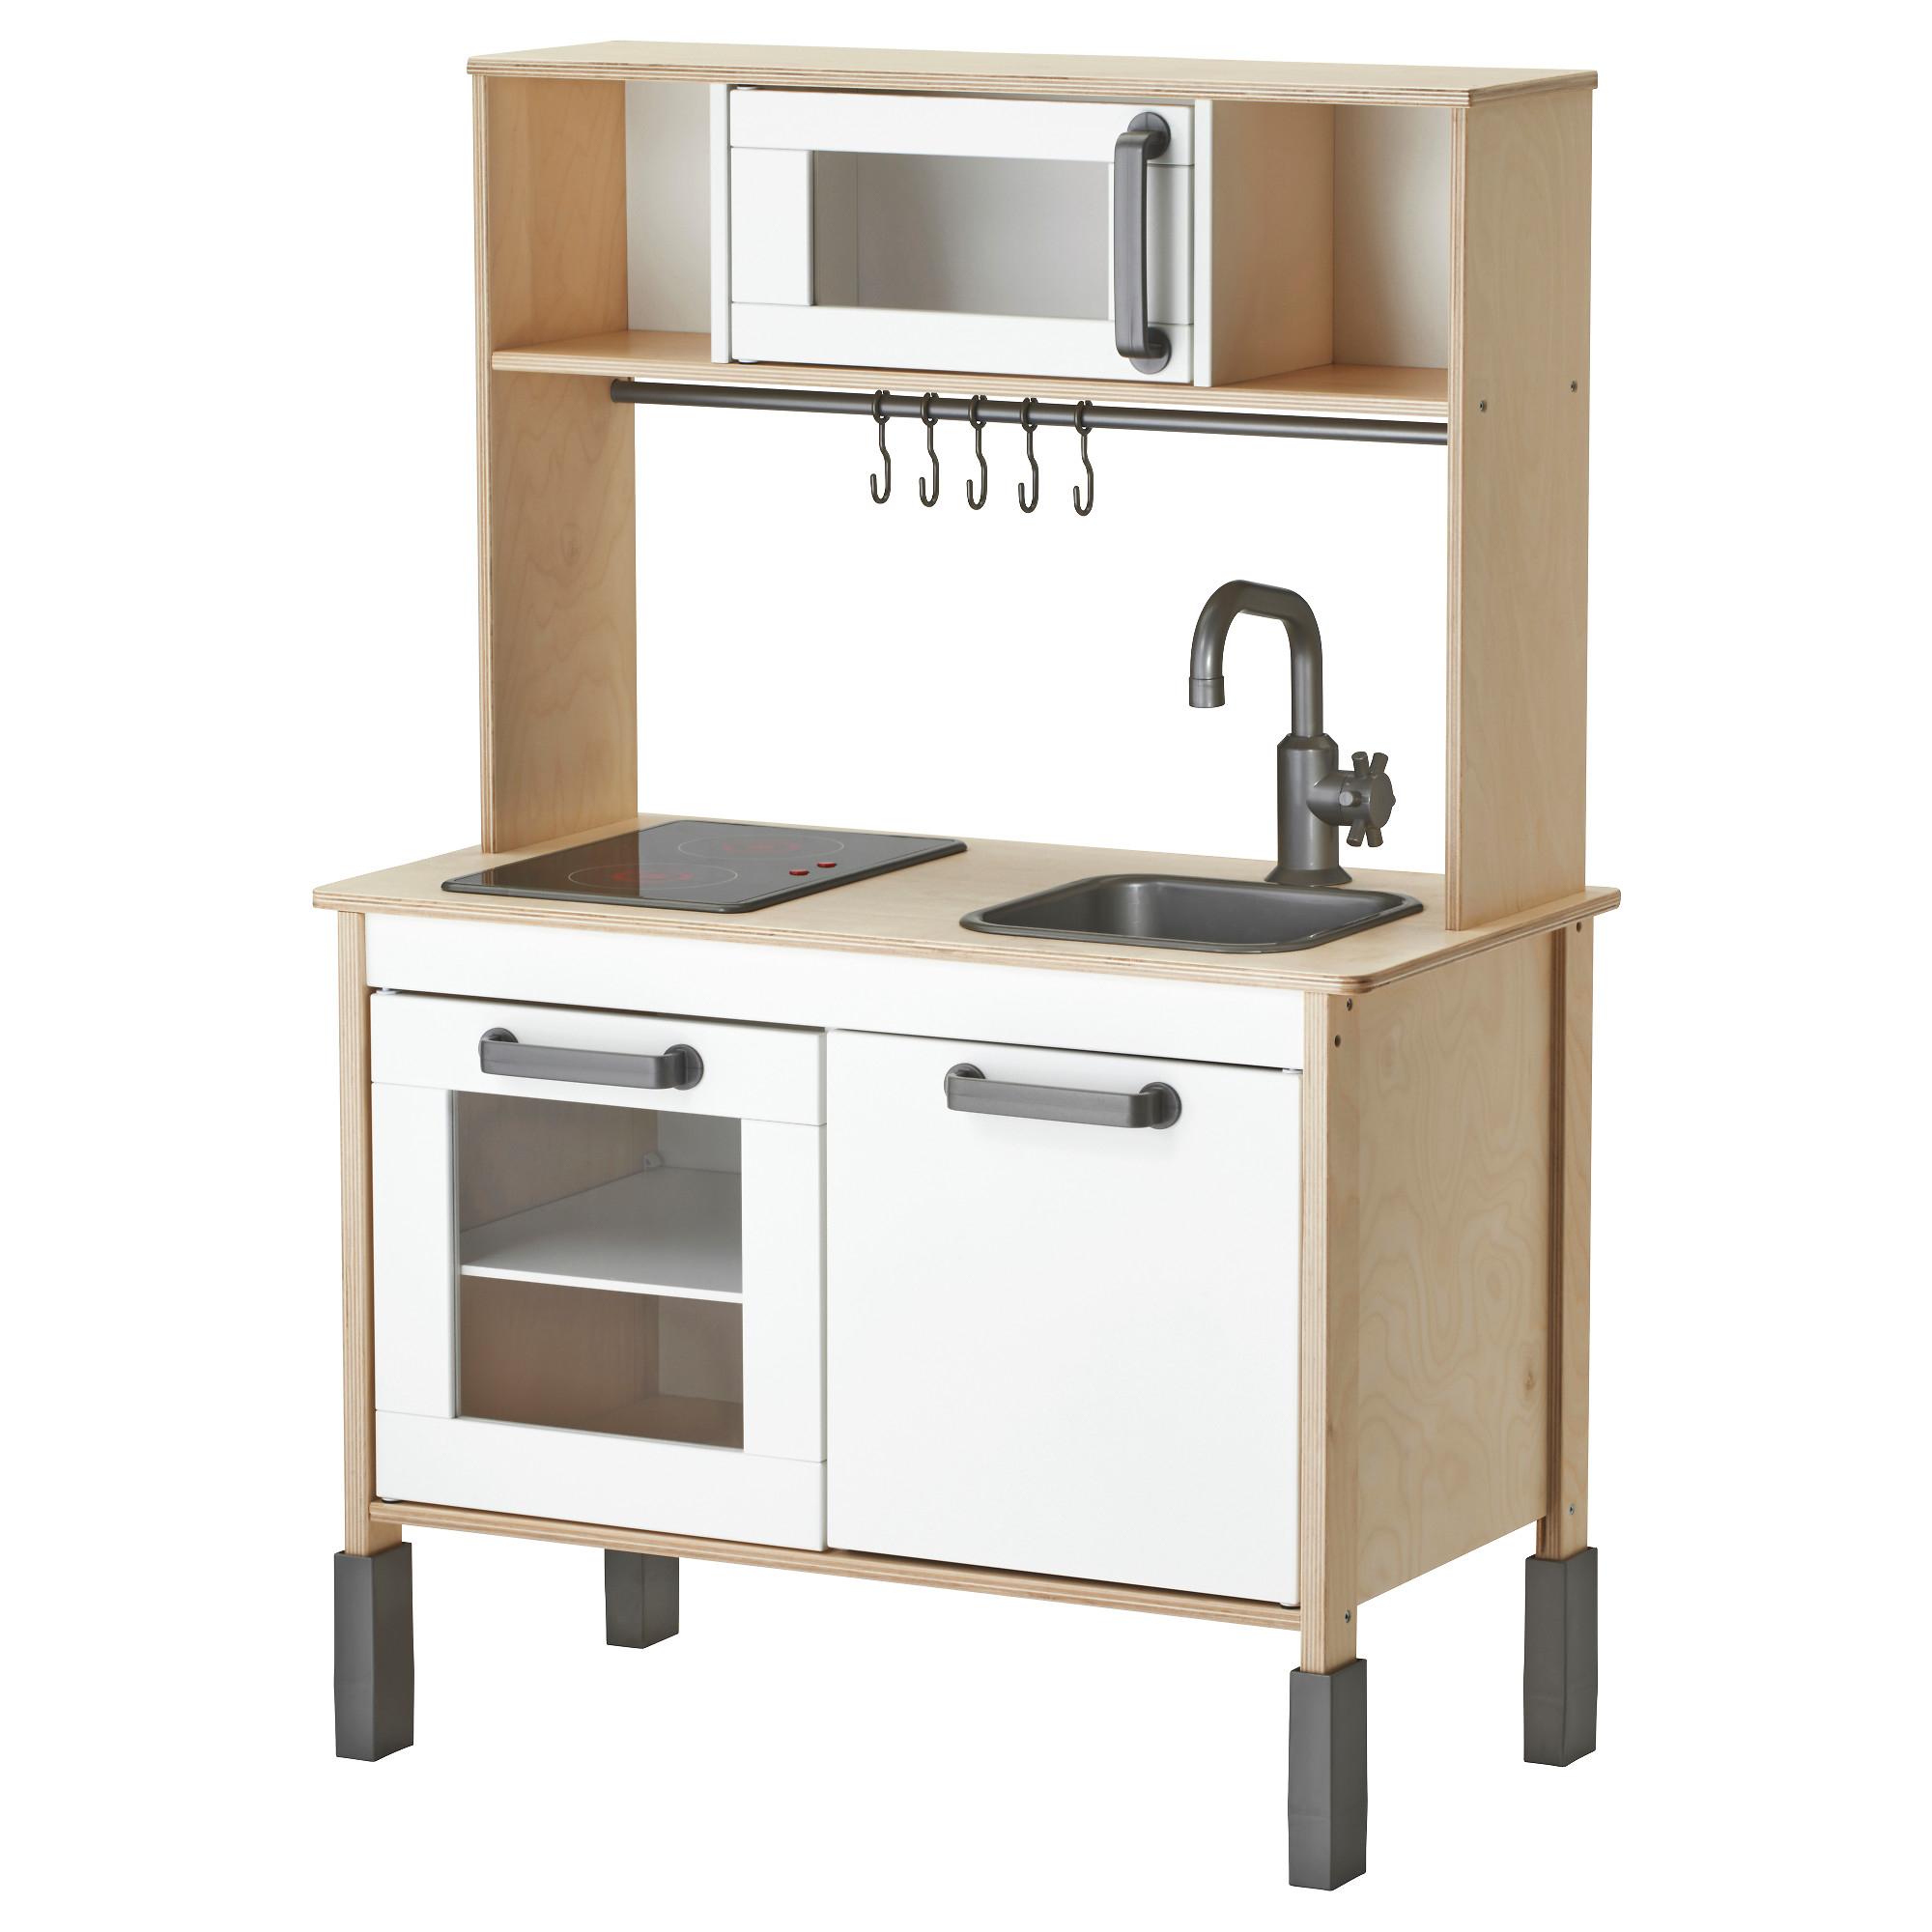 Grenzgänger: Ikea Arlon - Duktig Kinderküche für unschlagbare 59,90 EUR mit Family Karte